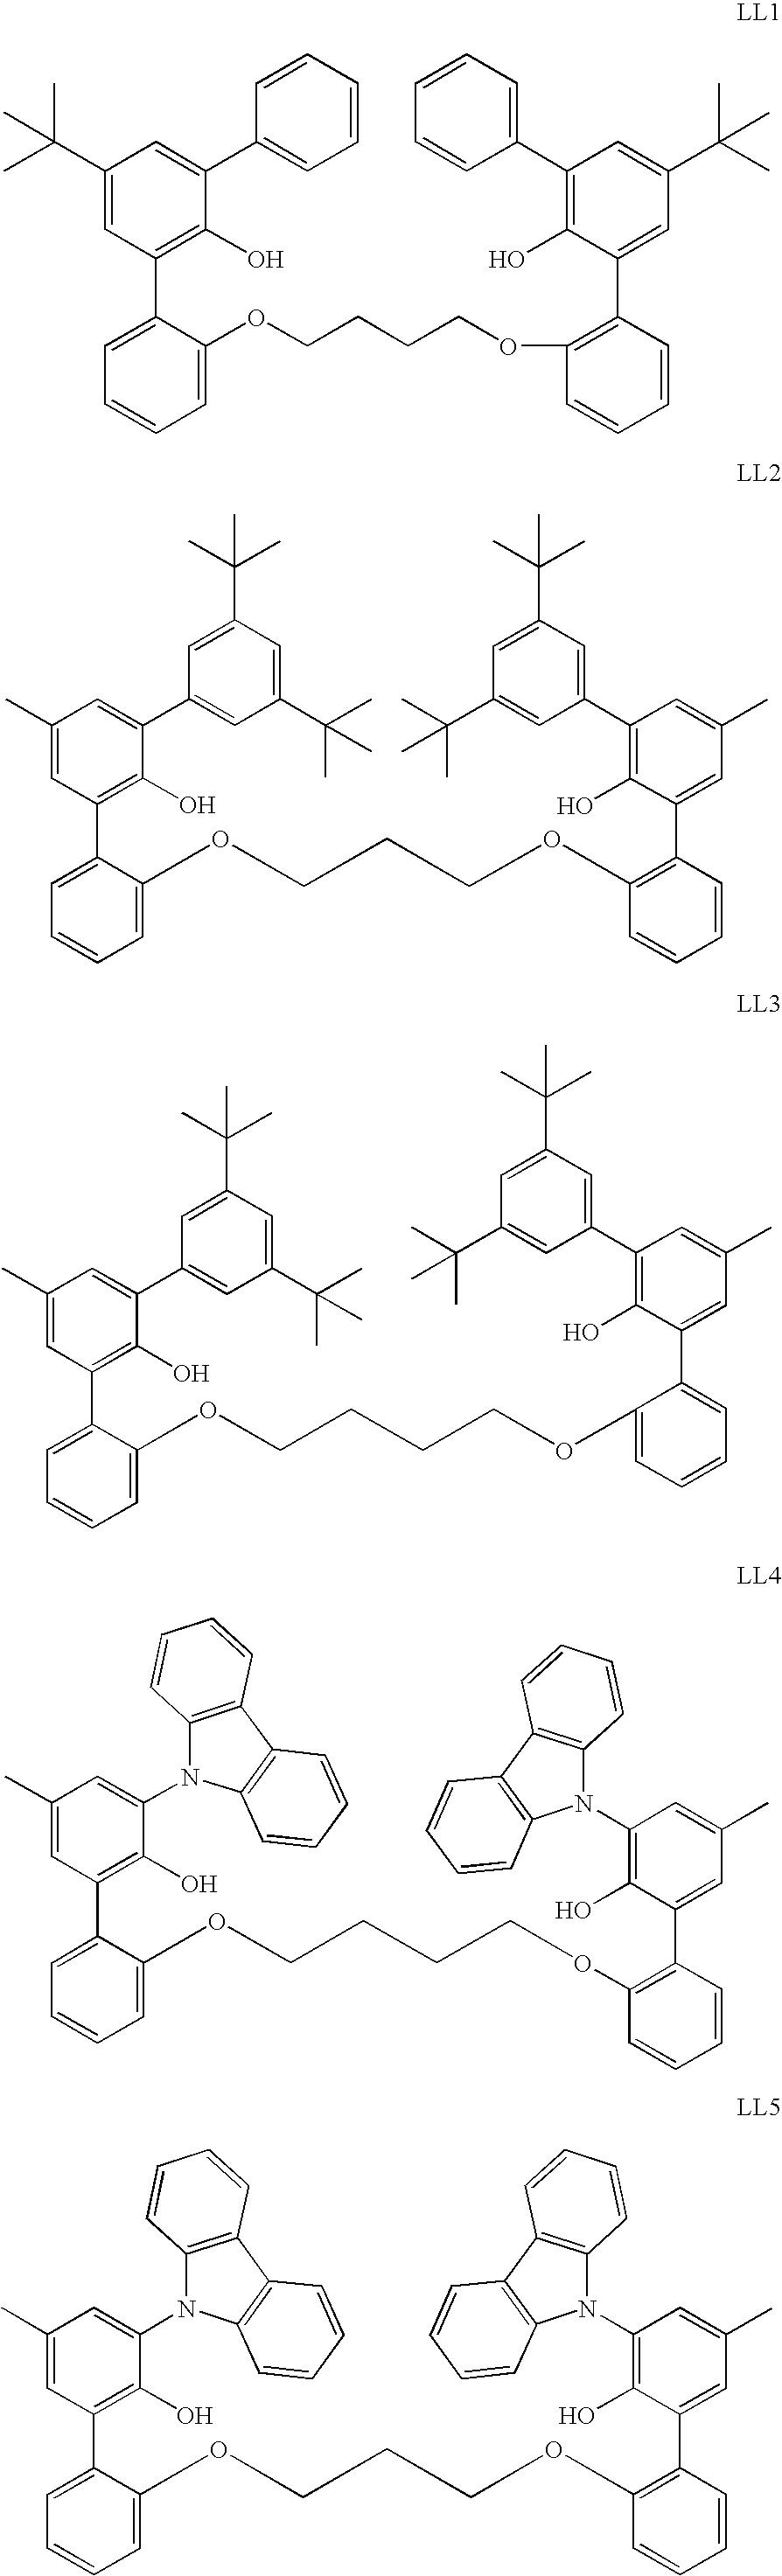 Figure US07241715-20070710-C00005